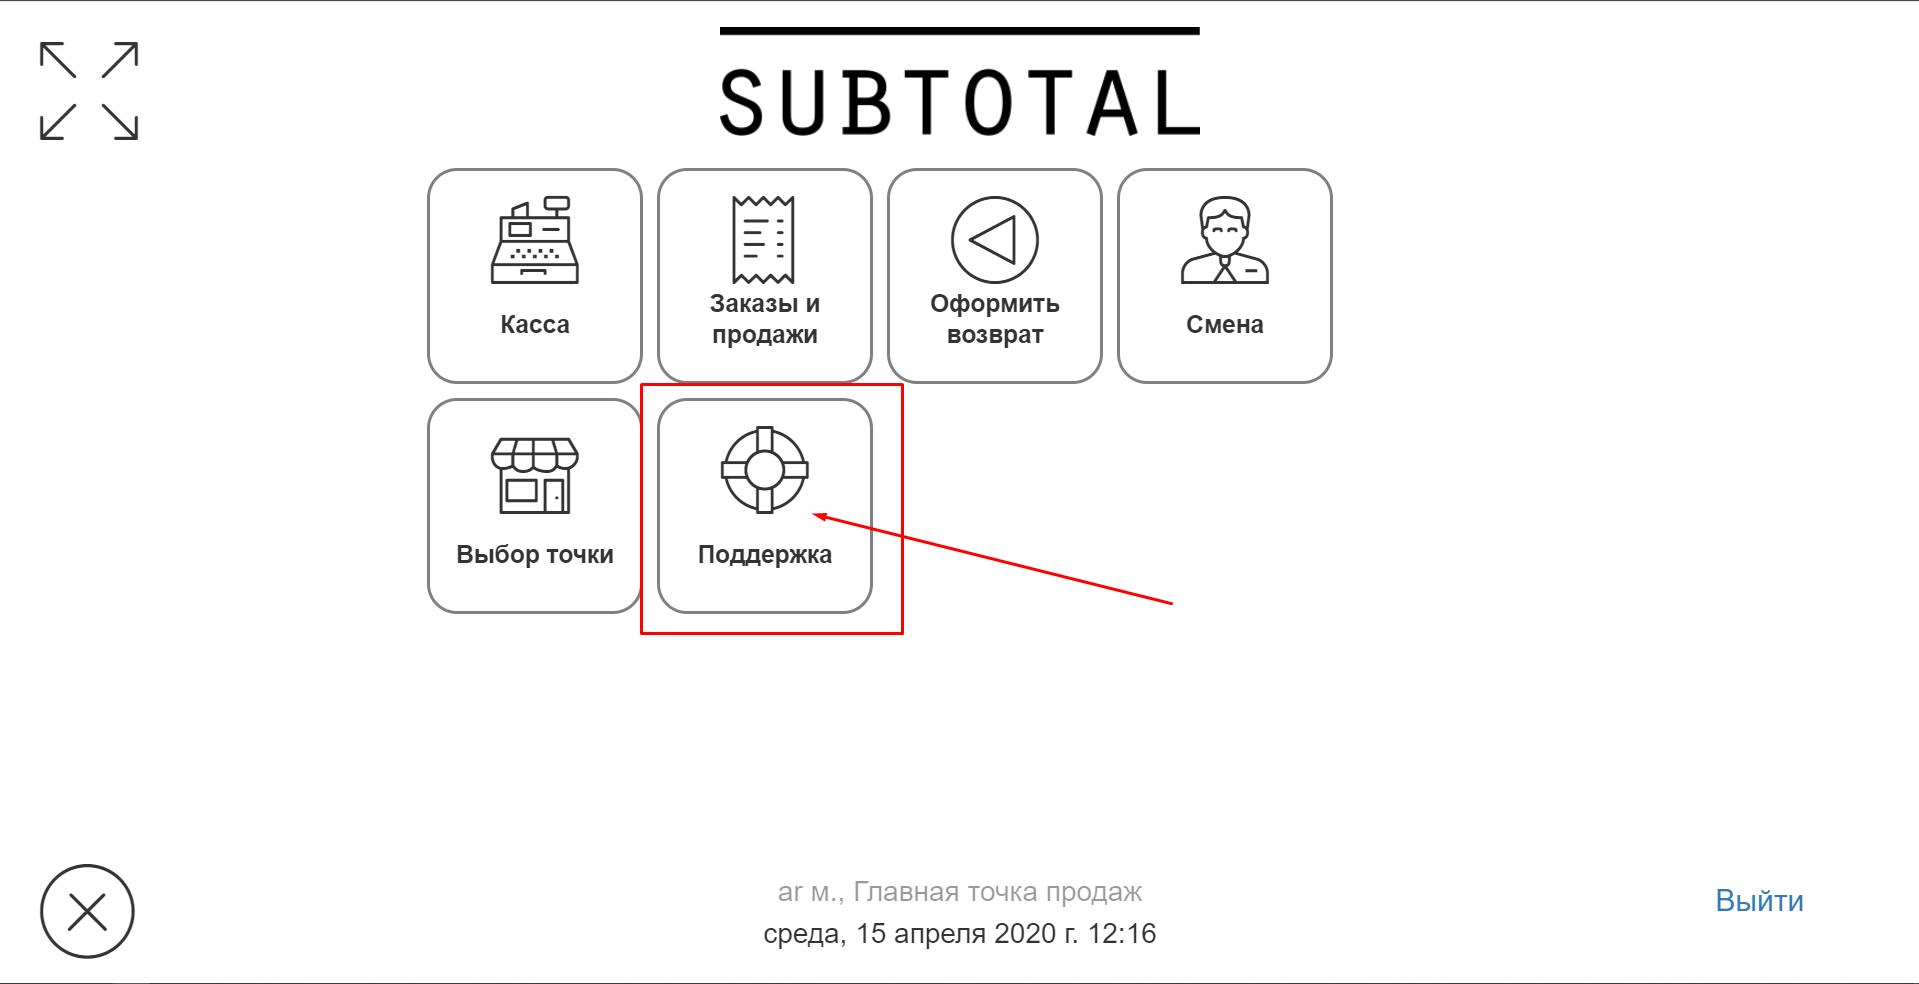 Программа для автоматизации розничных магазинов Subtotal - фото 9